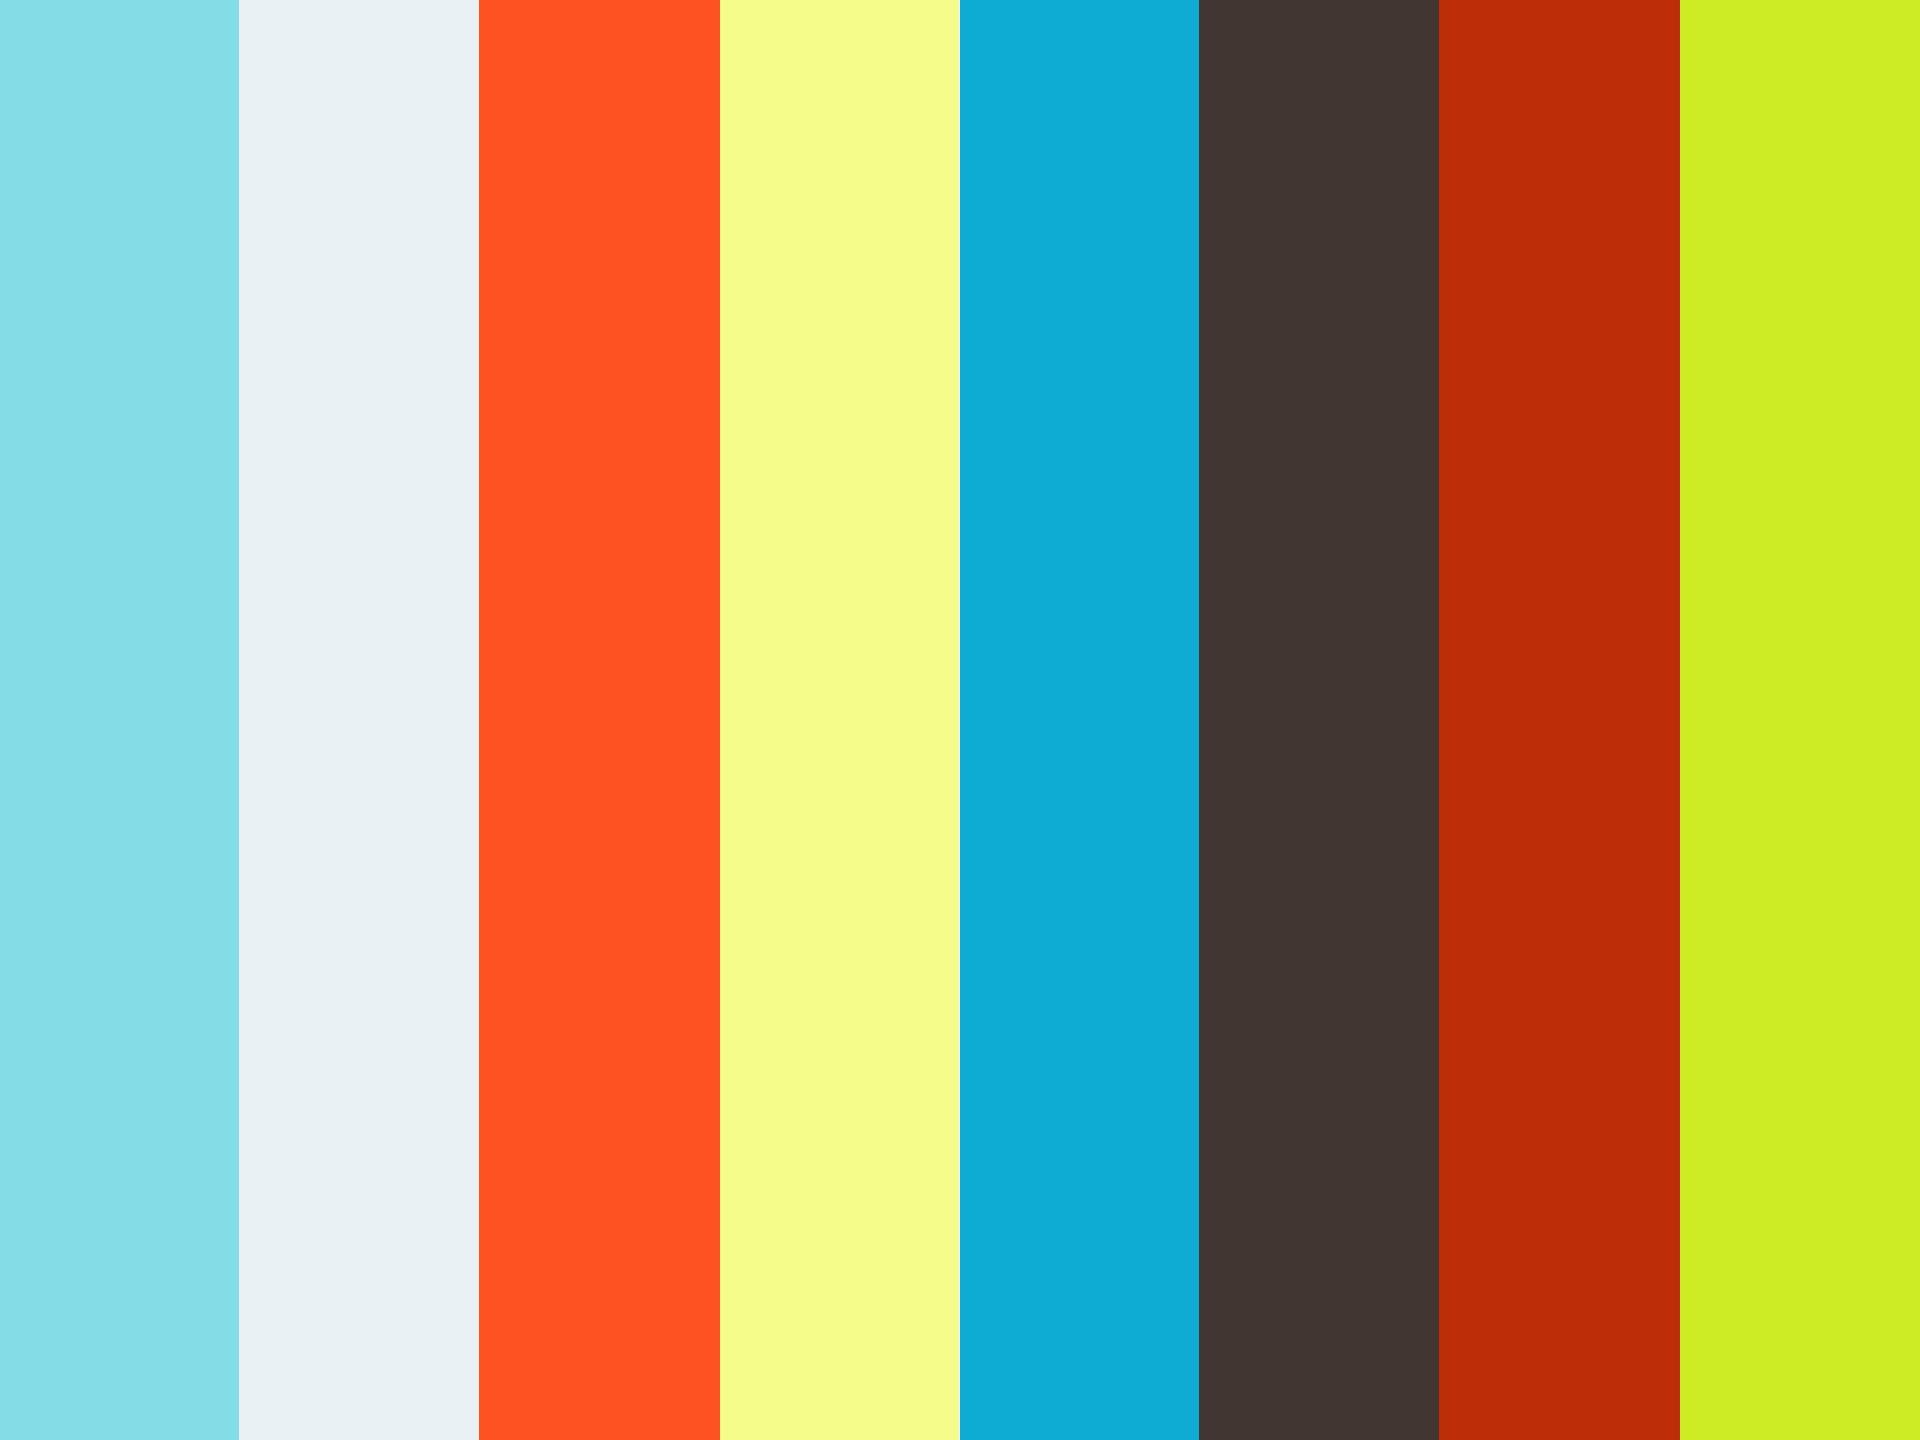 """インプラント治療における""""デジタルトルク管理"""" 〜埋入トルク値 編〜"""